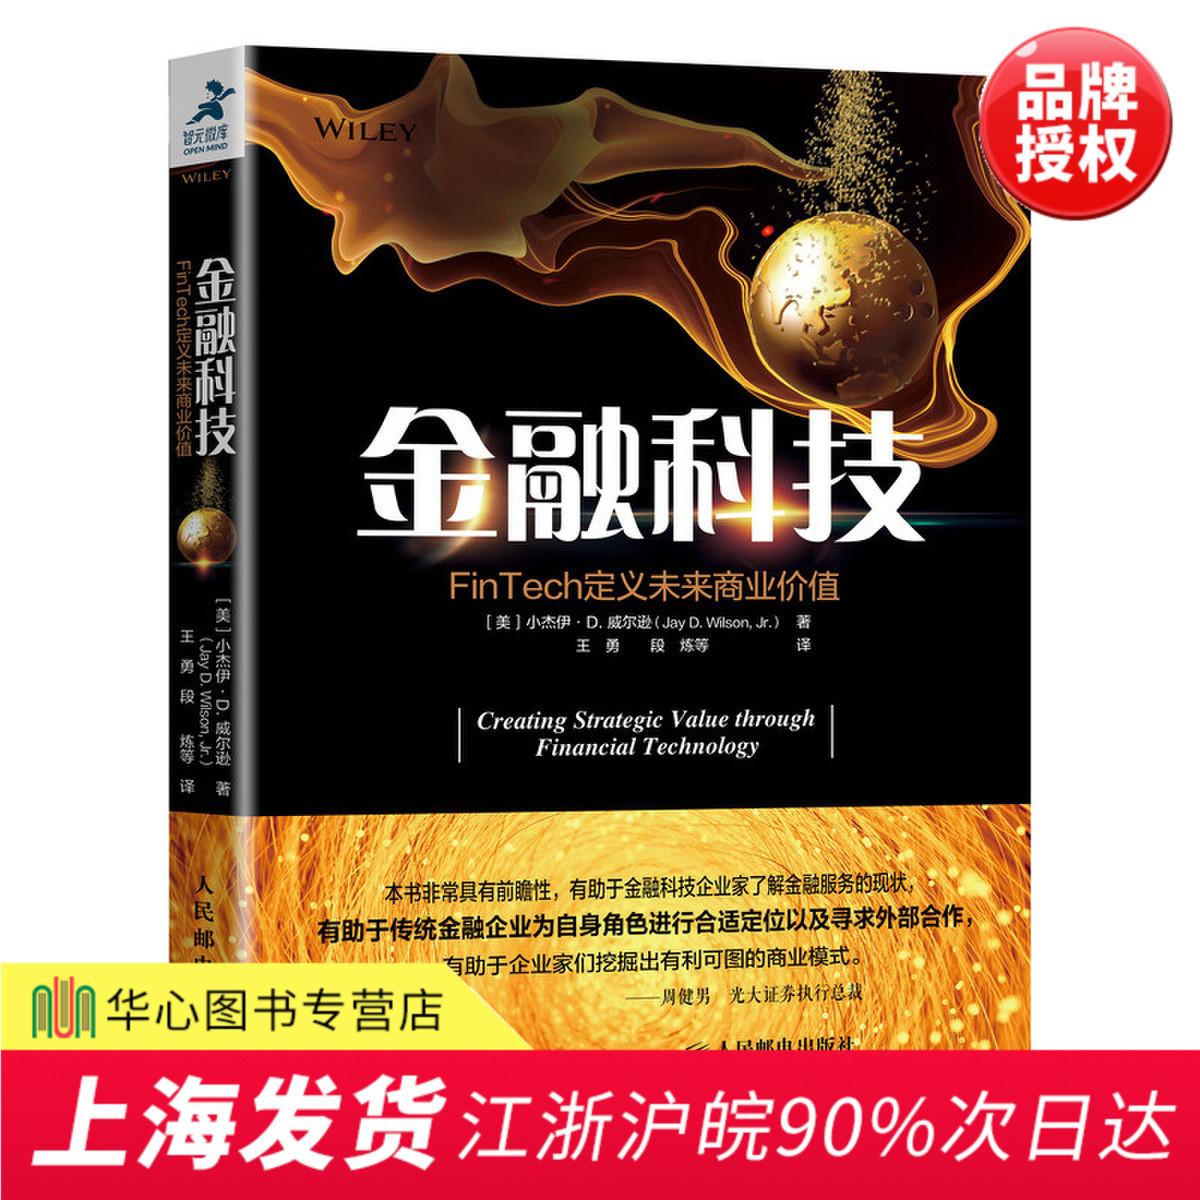 正版现货 金融科技FinTech定义未来商业价值 传统金融行业转型书籍 金融业投资大数据区块链银行业公司书籍 金融科技企业参考书籍